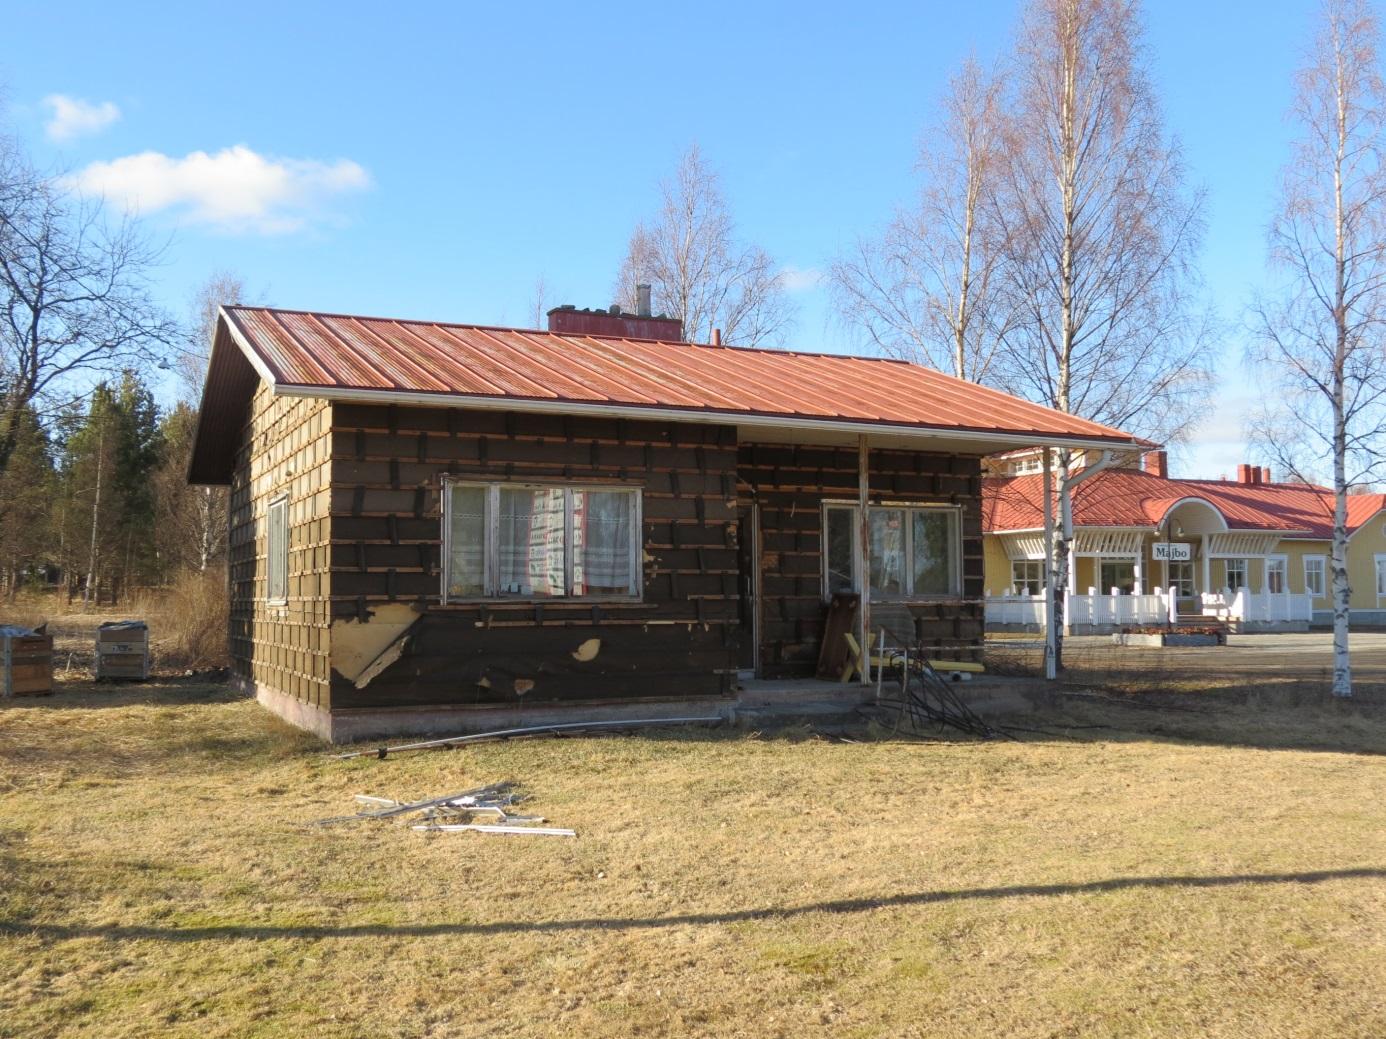 I april 2014 hade rivningsarbetet påbörjats och i dag finns ingenting kvar som visar var huset stått.